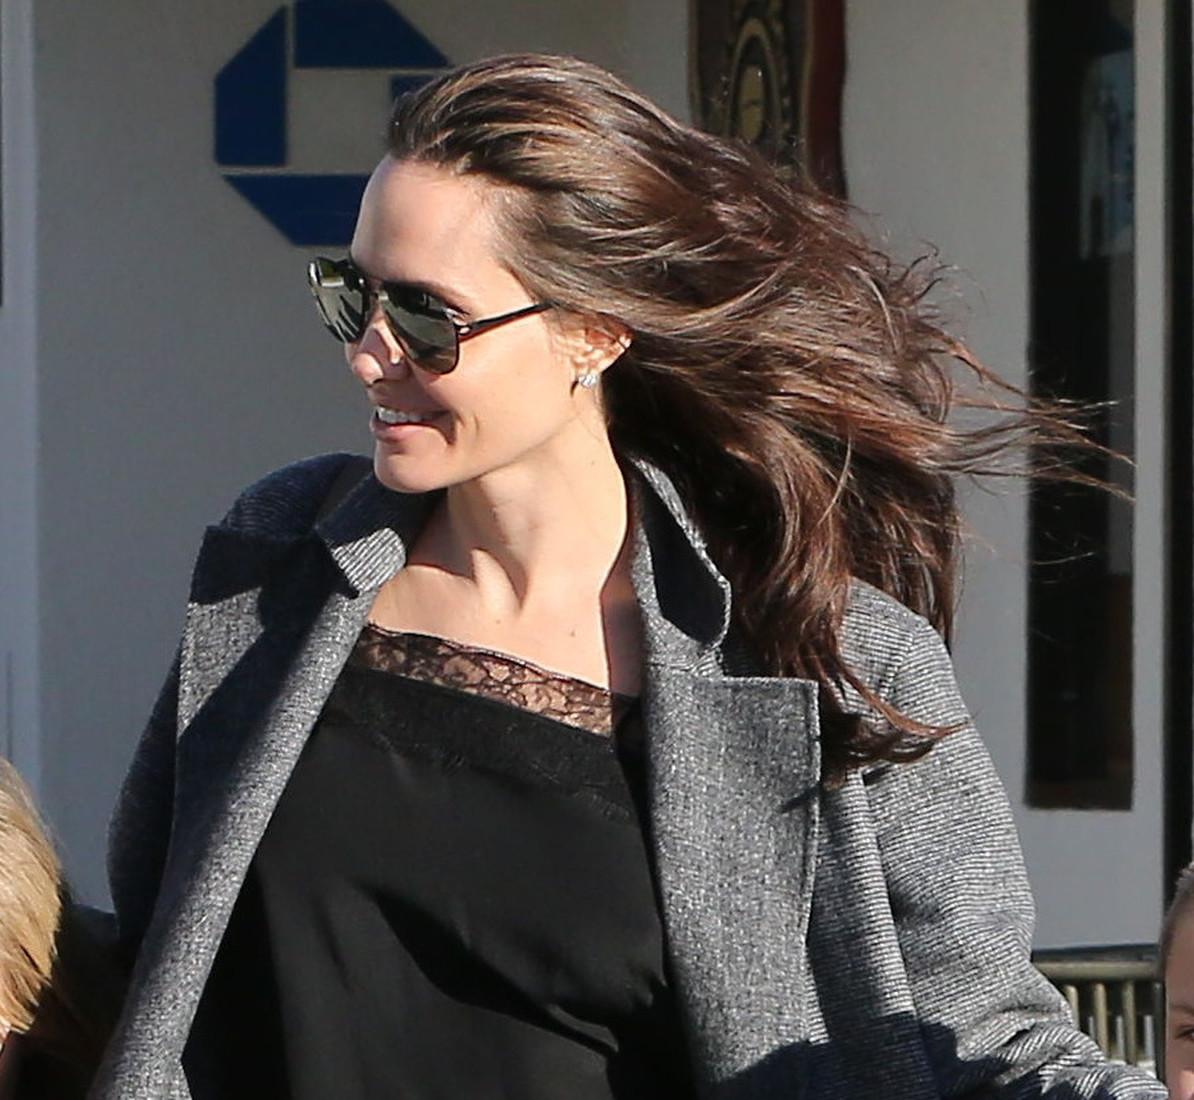 Джоли взволновала почитателей после похода помагазинам вМалибу